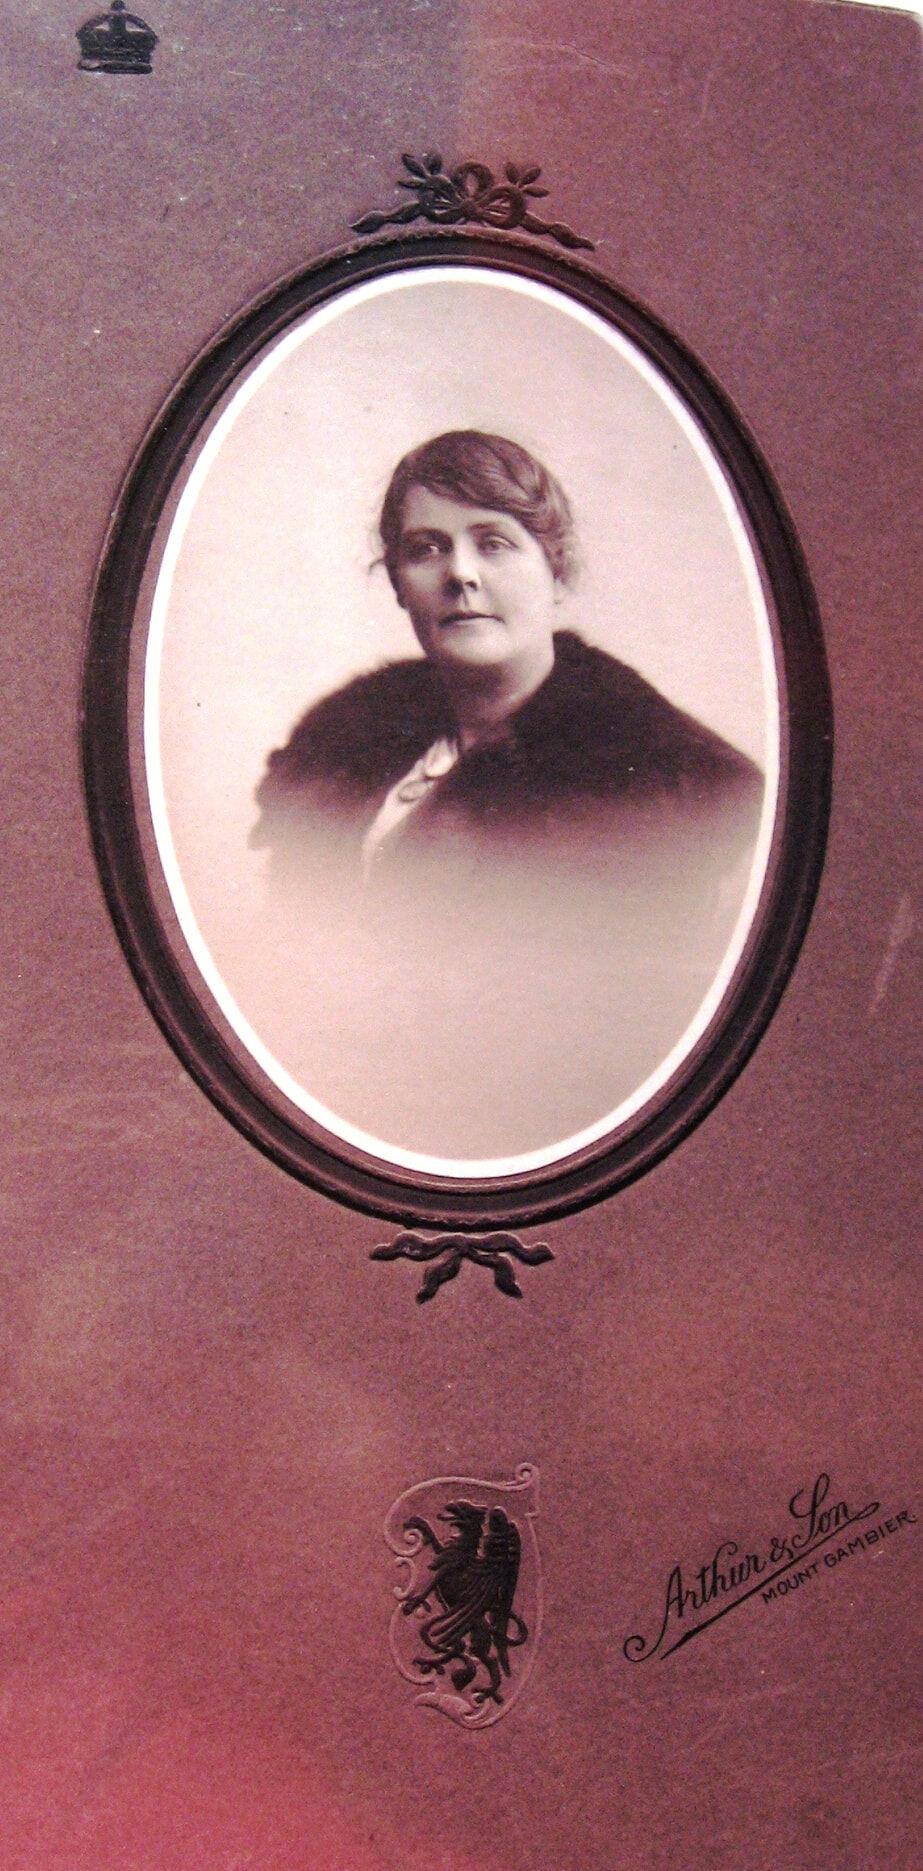 Wilhelmina Hann aged 45 BH